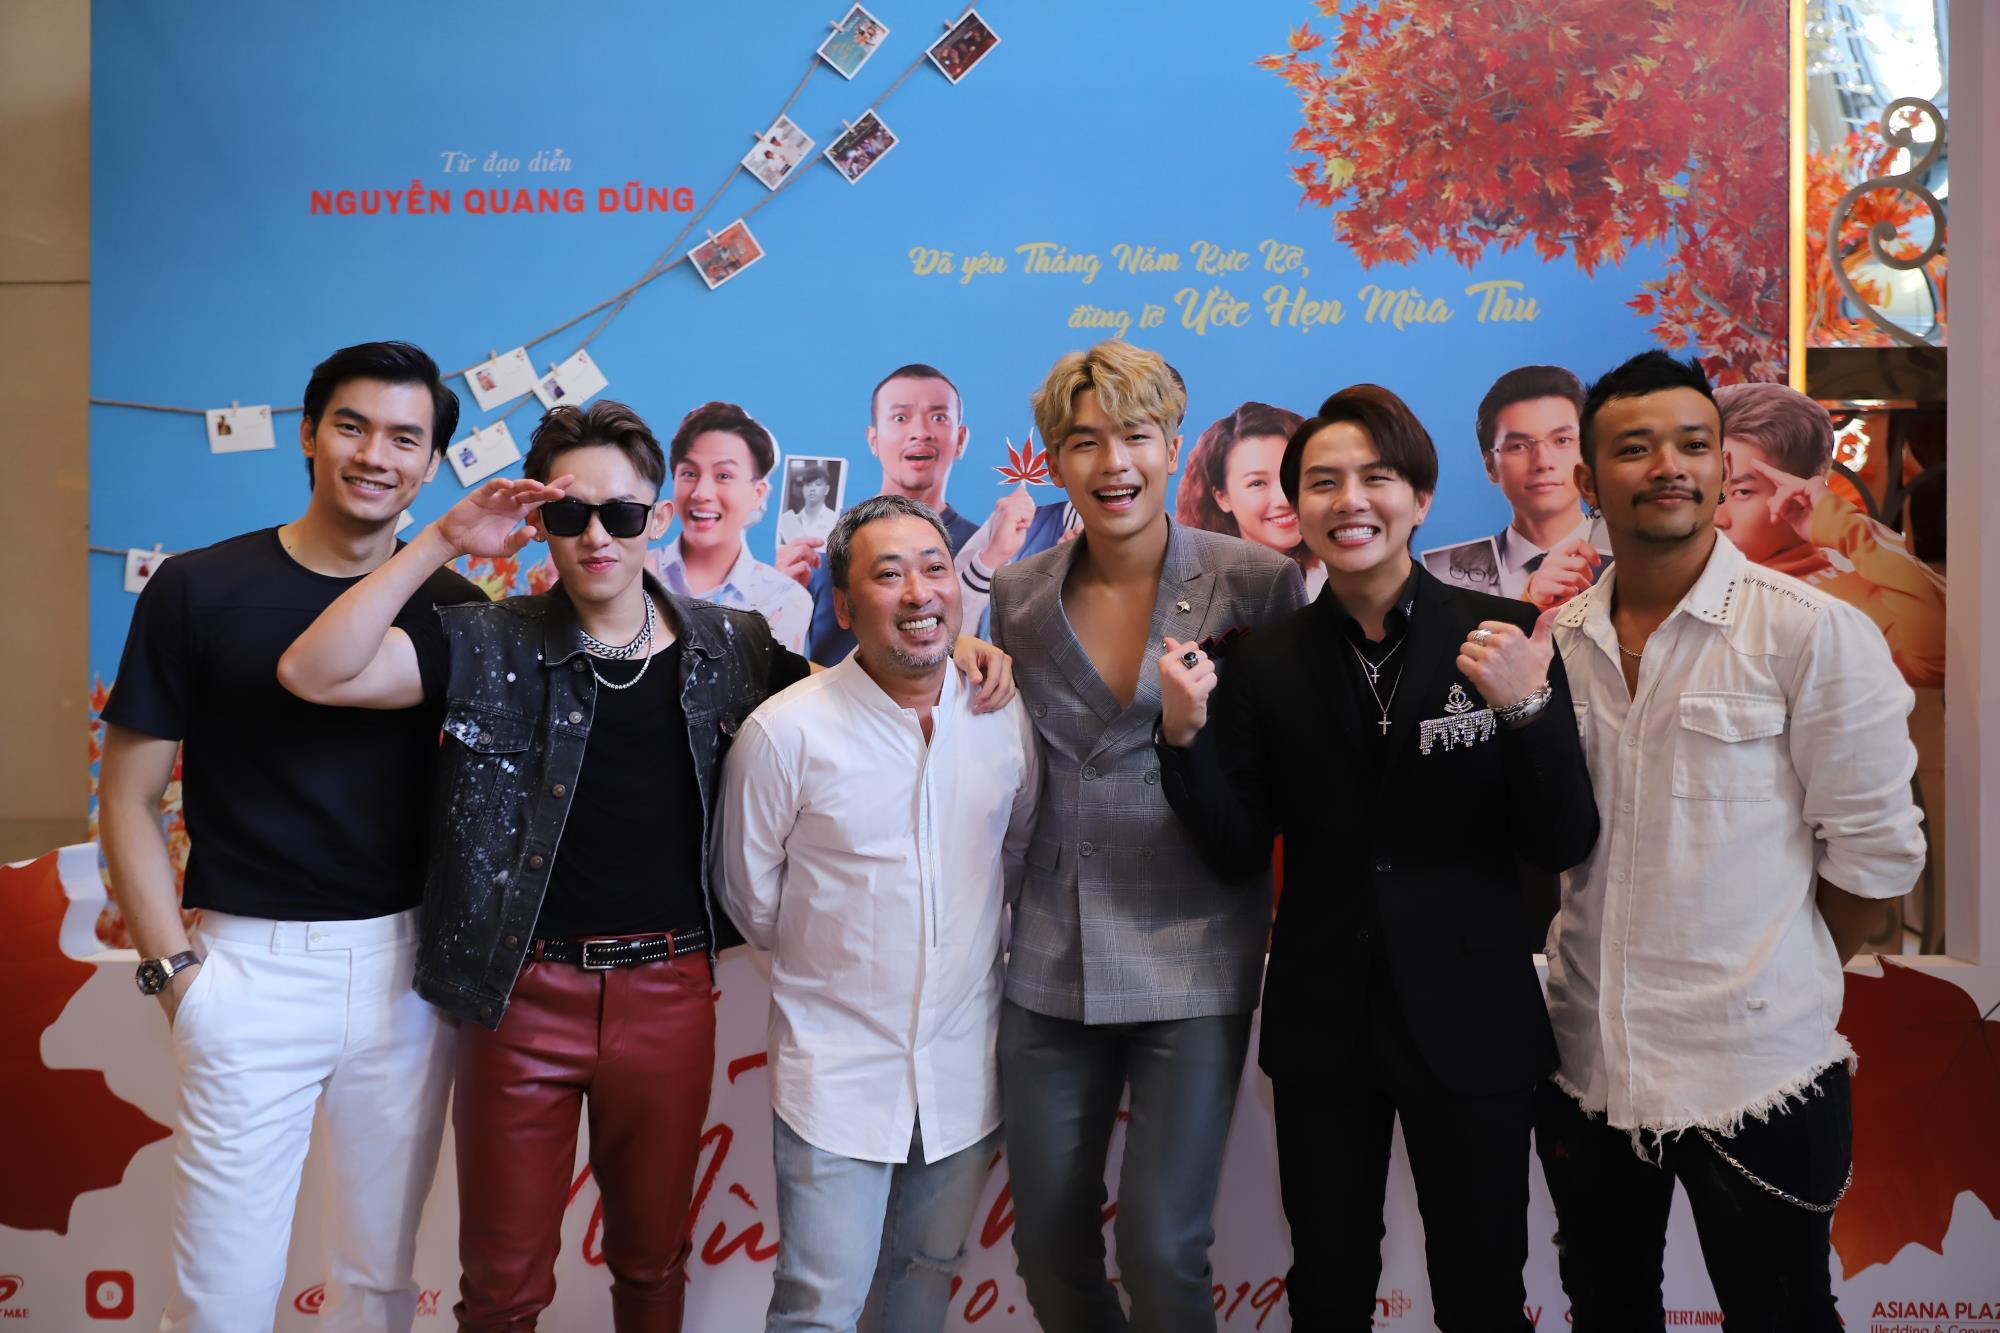 Duy Khánh đóng phim 3 tháng xuất hiện trong 3s trailer, Kay Trần giải thích nickname LONG 2K18CM - Ảnh 3